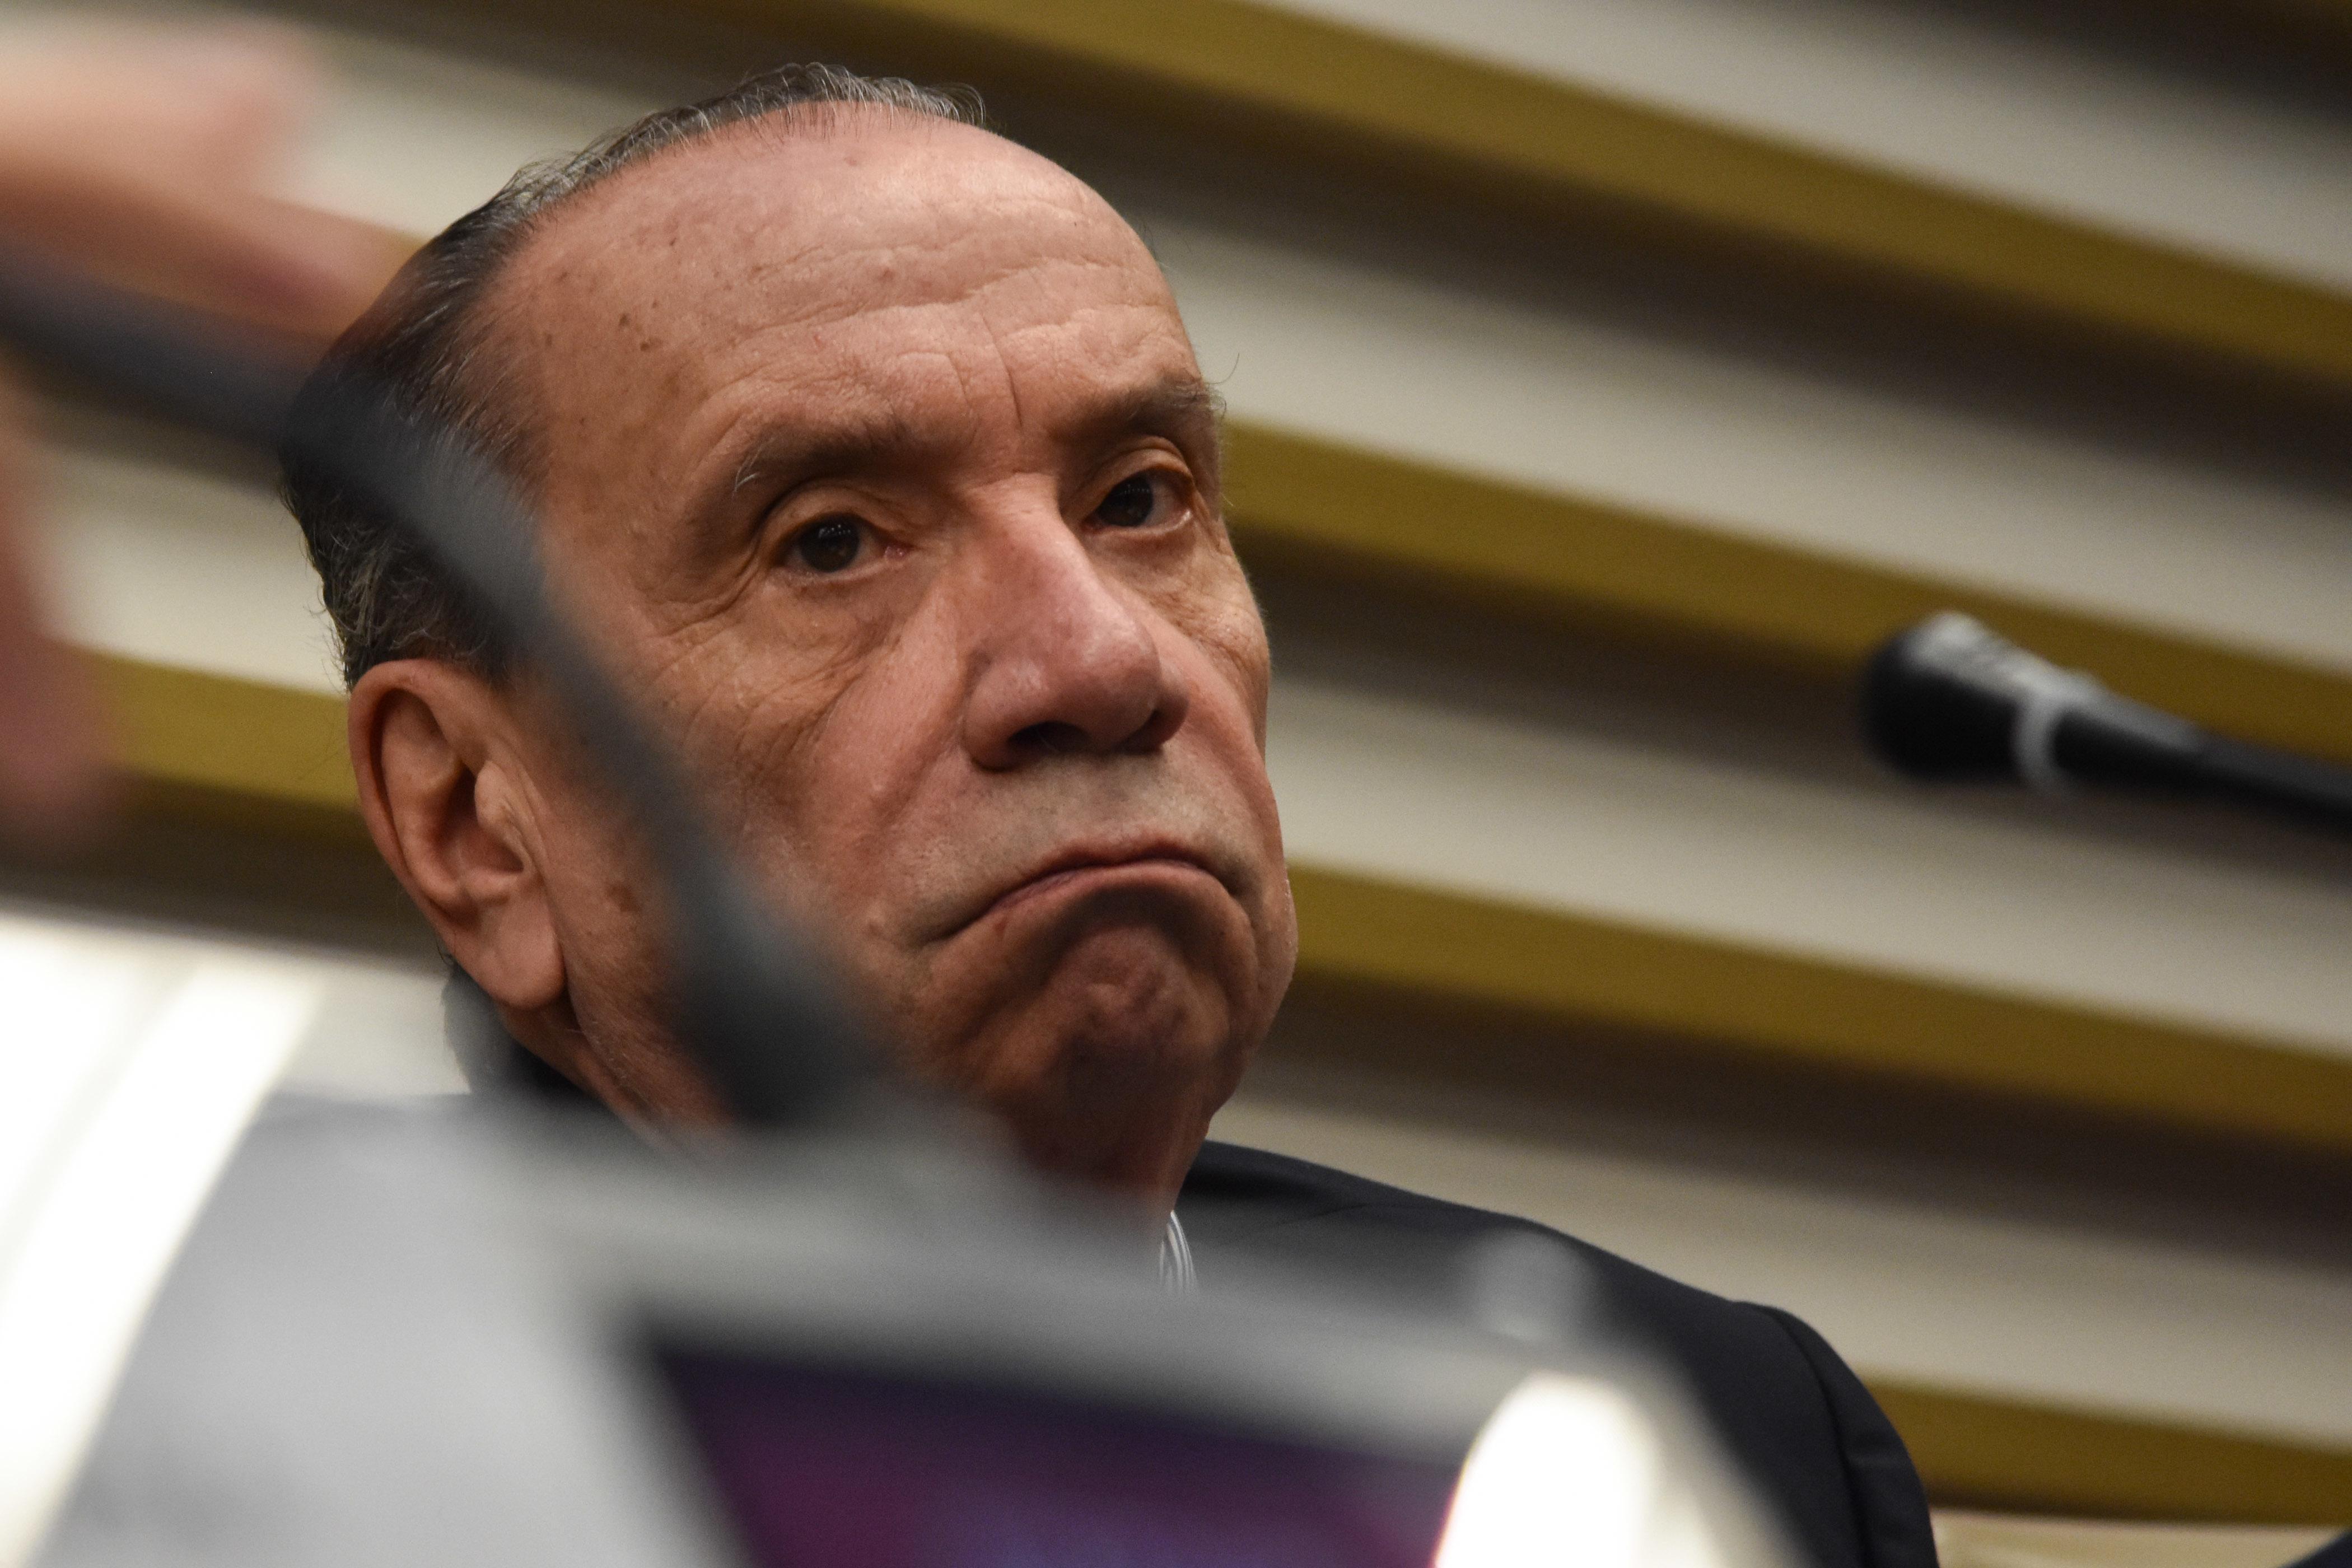 IMAGEM: MP-SP cobra R$ 1,7 milhão de Aloysio Nunes por caixa 2 da Odebrecht